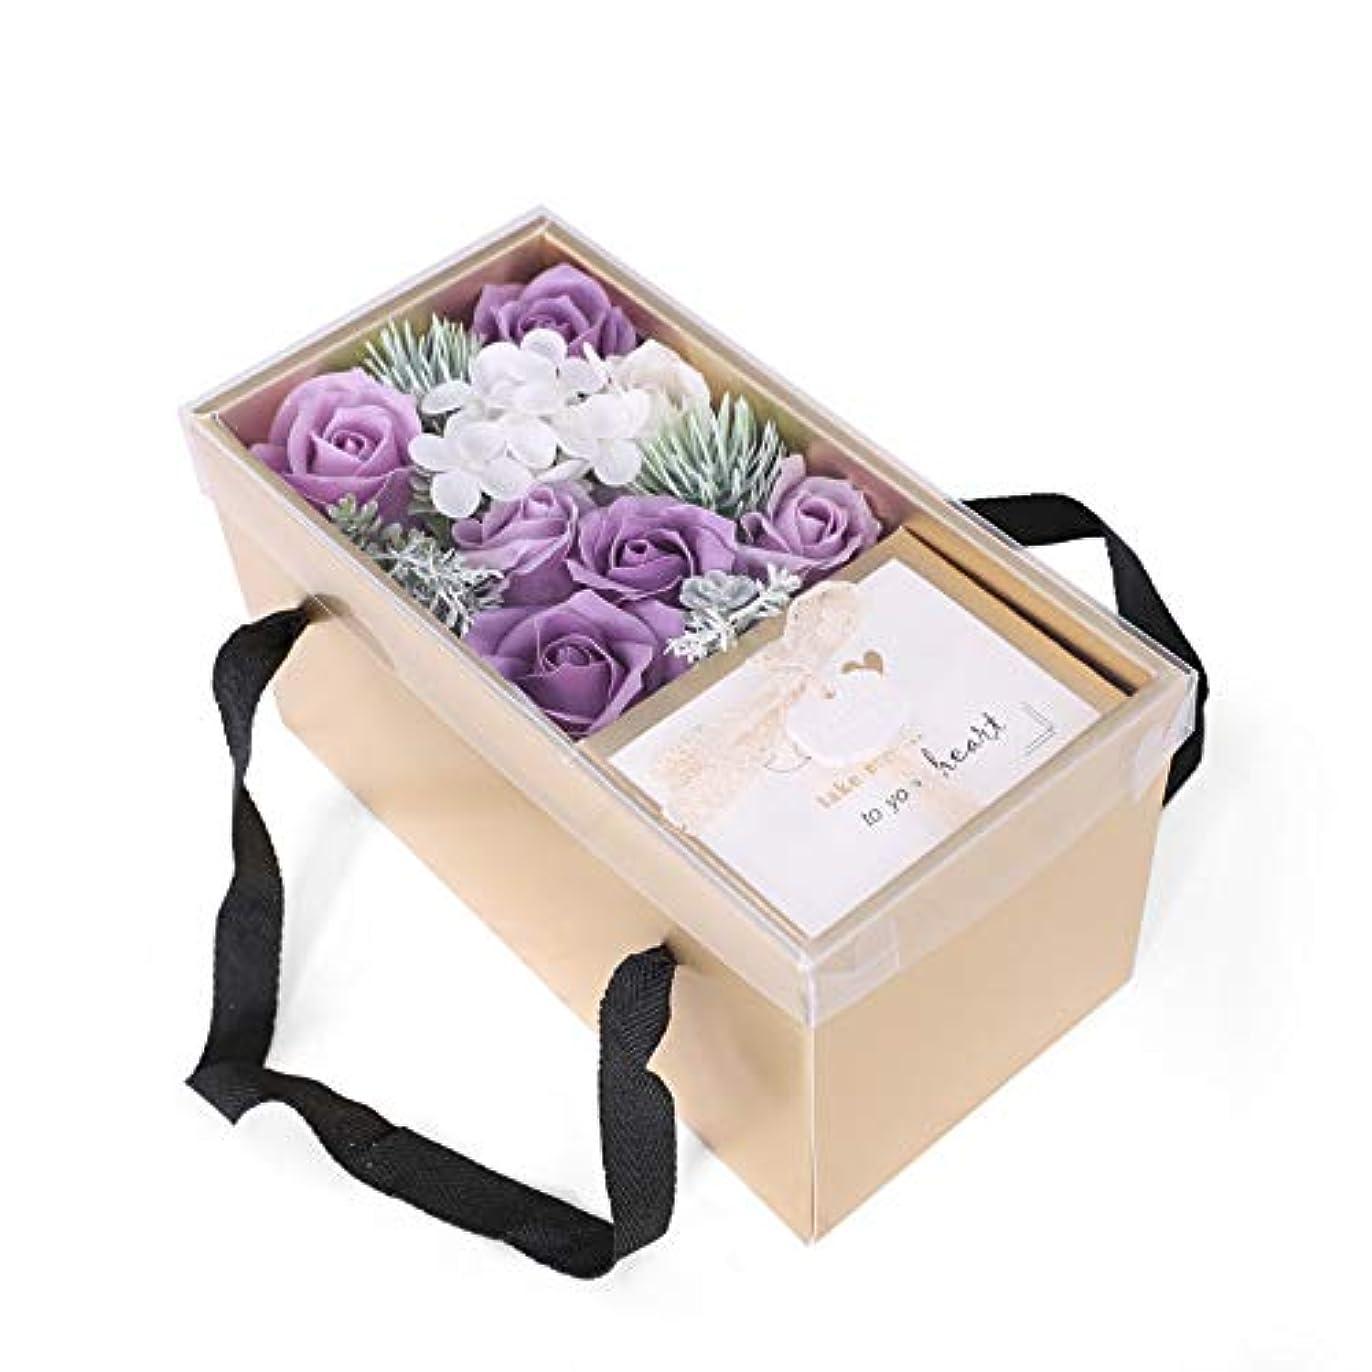 同種の不機嫌叱る生地と花石鹸の花 バスソープフラワーローズフラワーバレンタインデーのために必須ガールフレンド記念日誕生日母の日ポータブルギフトボックス (色 : 紫の)